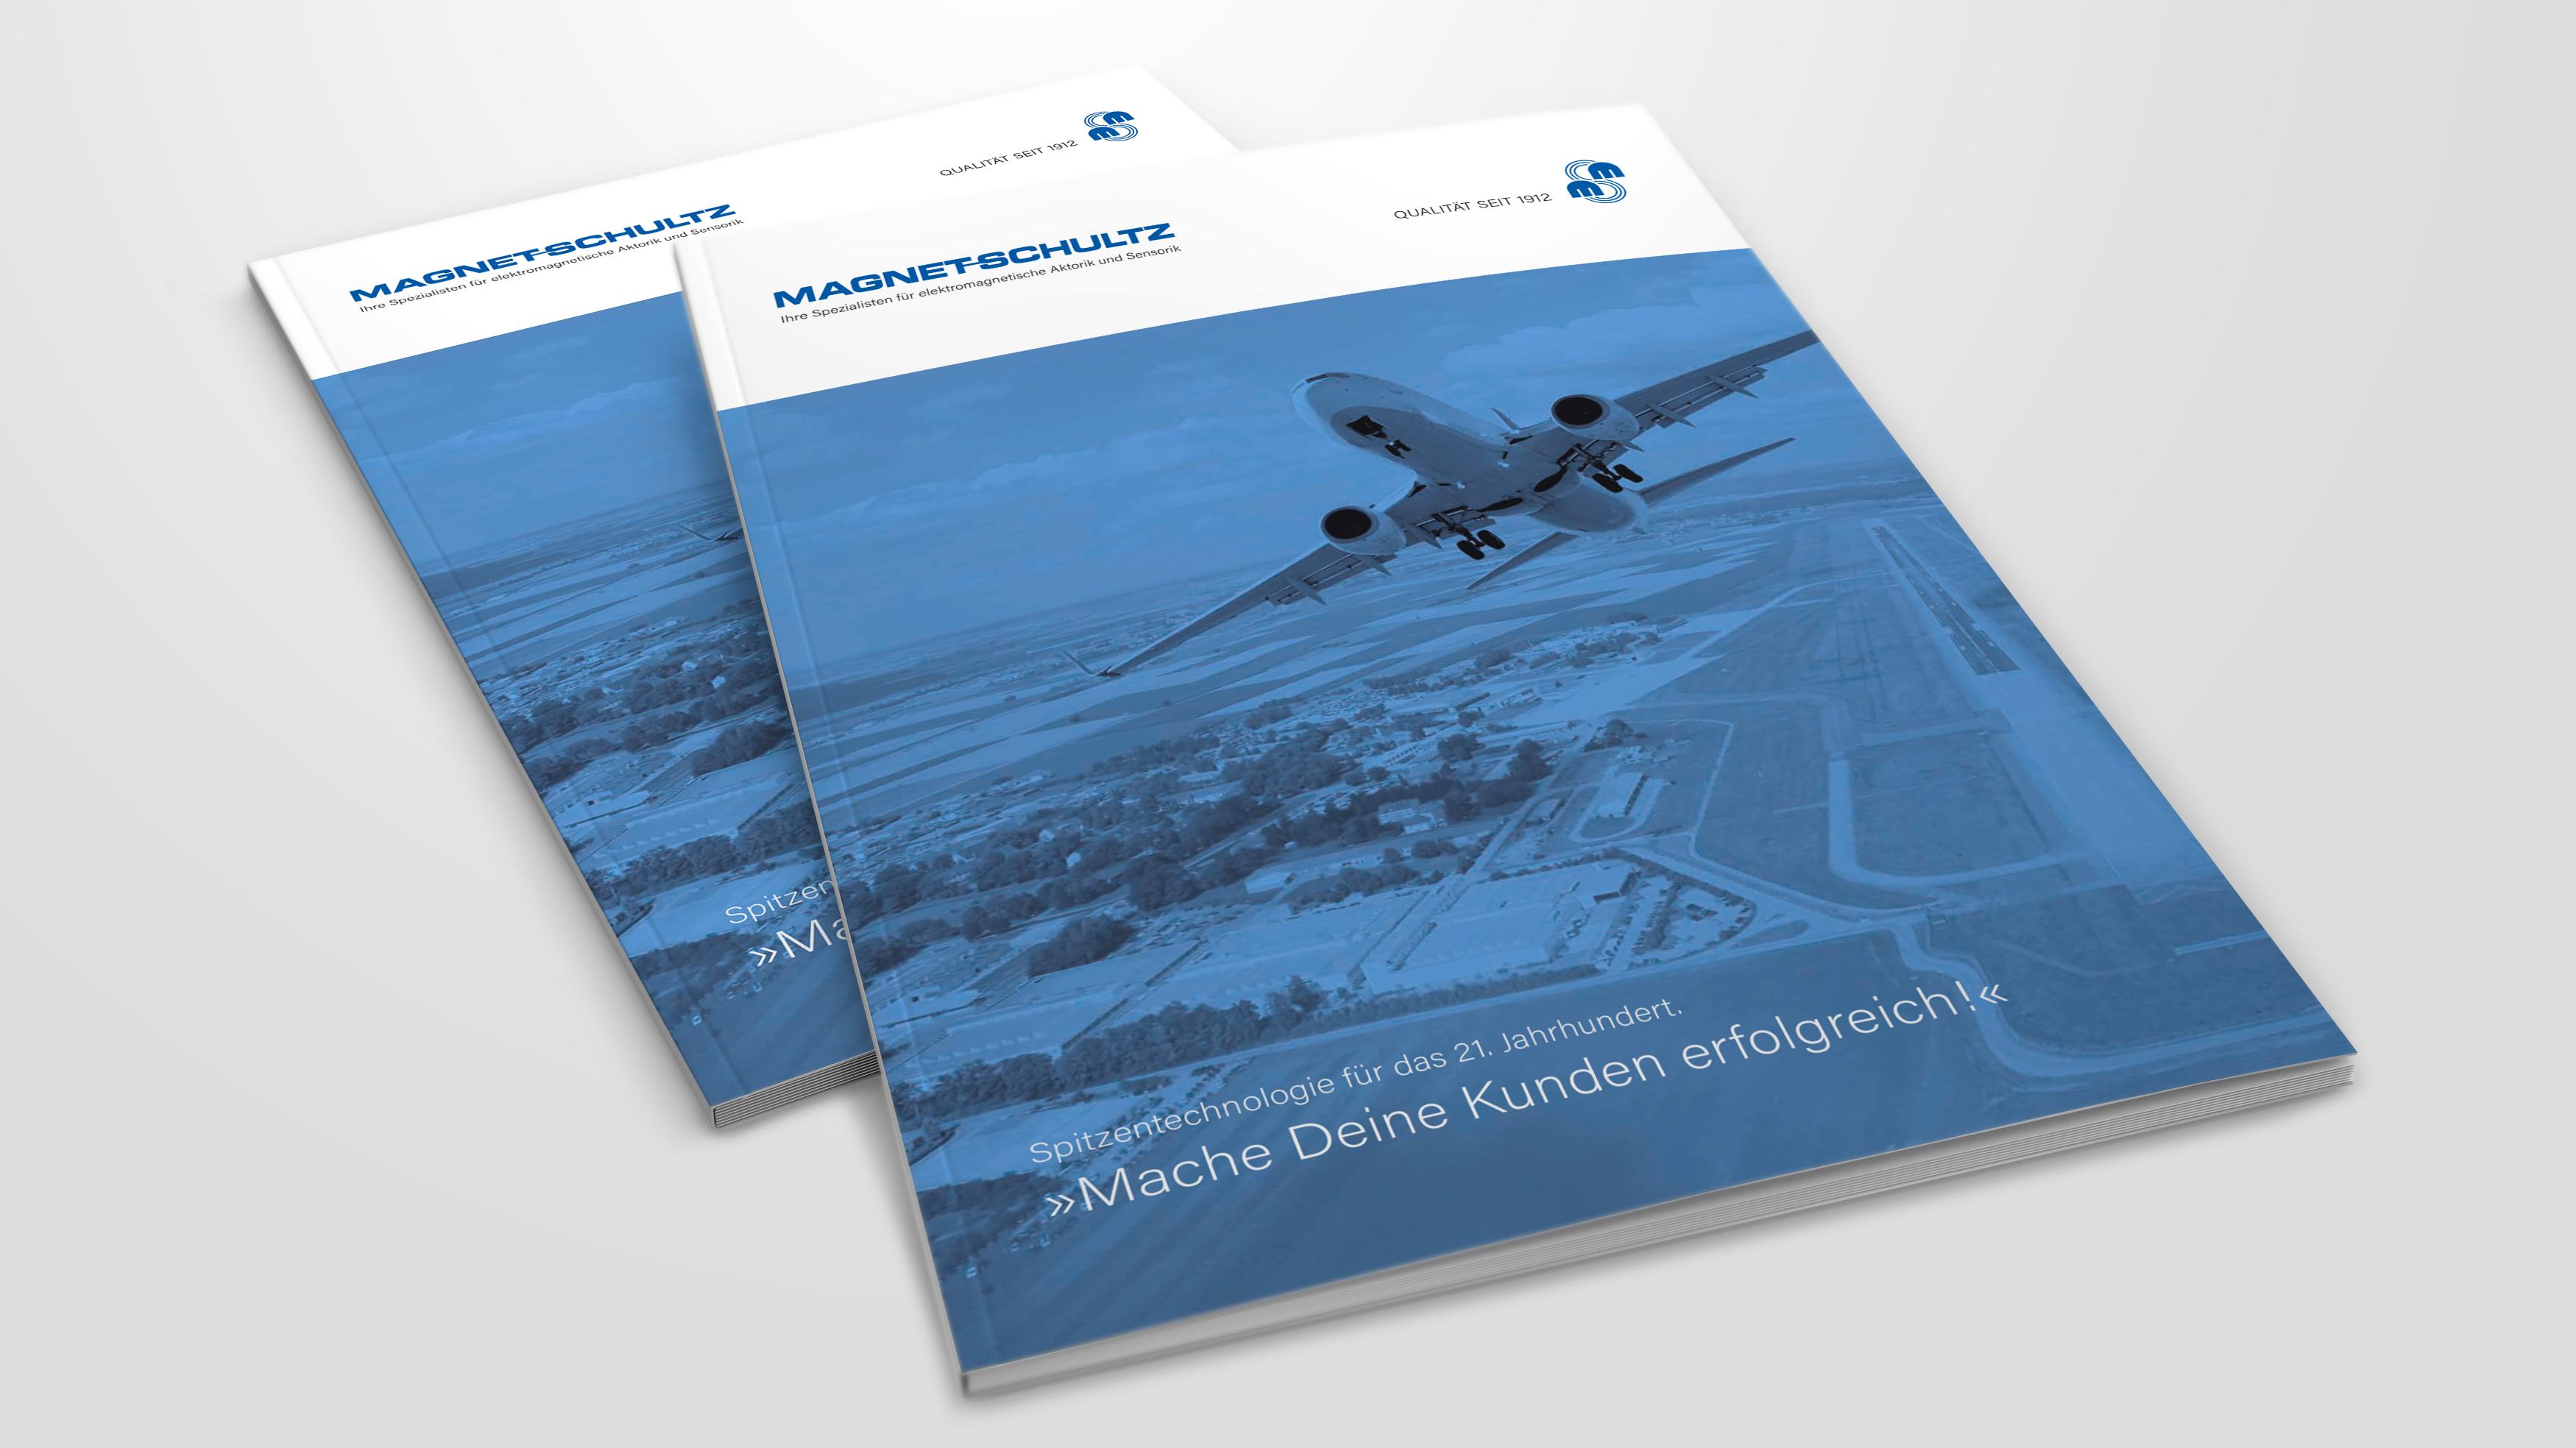 Imagebroschüre für Magnet-Schultz GmbH & Co. KG in Memmingen von der Designagentur das formt aus München